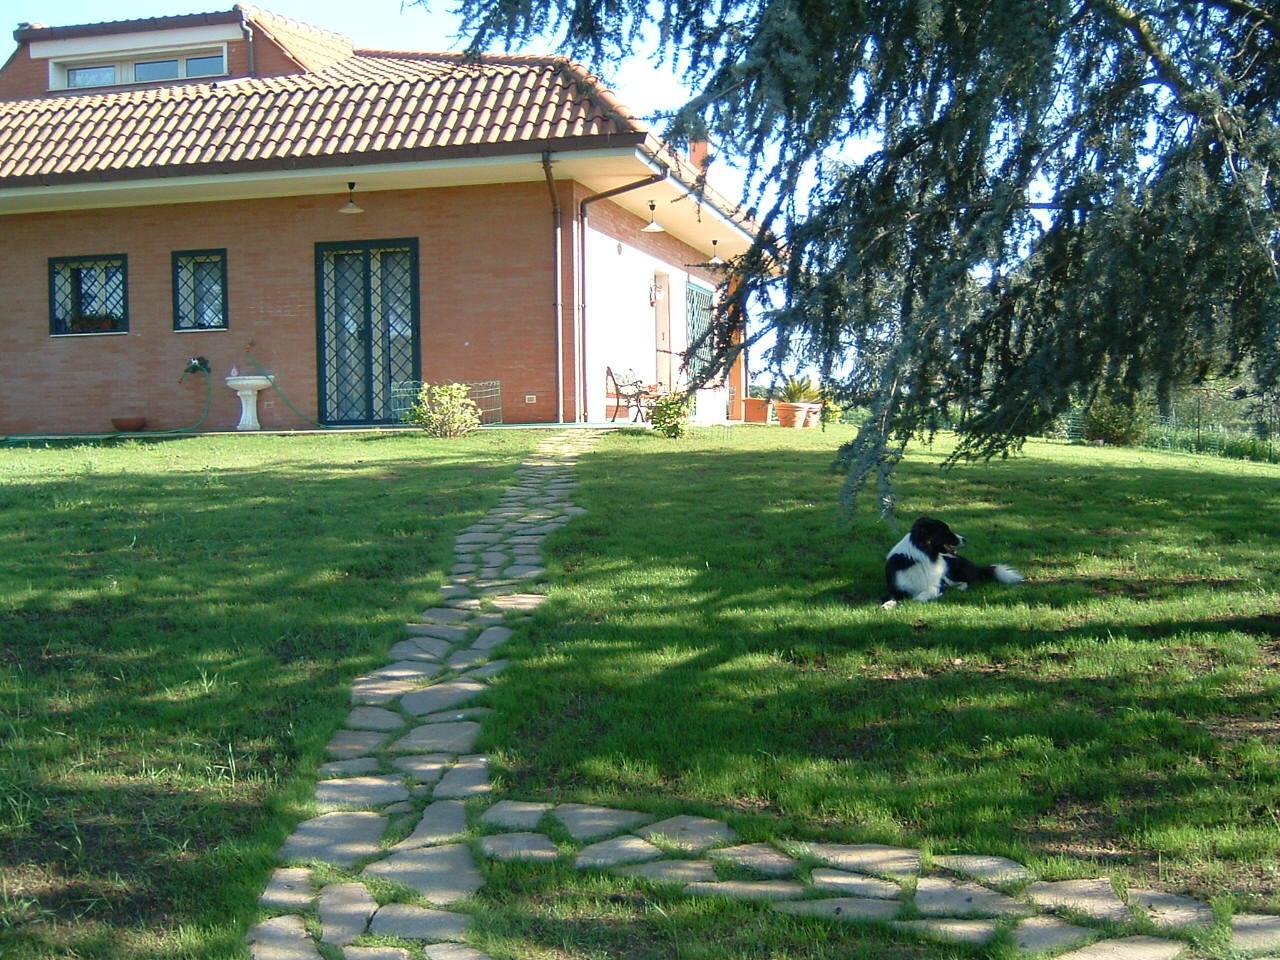 Sentiero fai da te in un giardino in discesa pagina 10 forum di - Soluzioni giardino ...